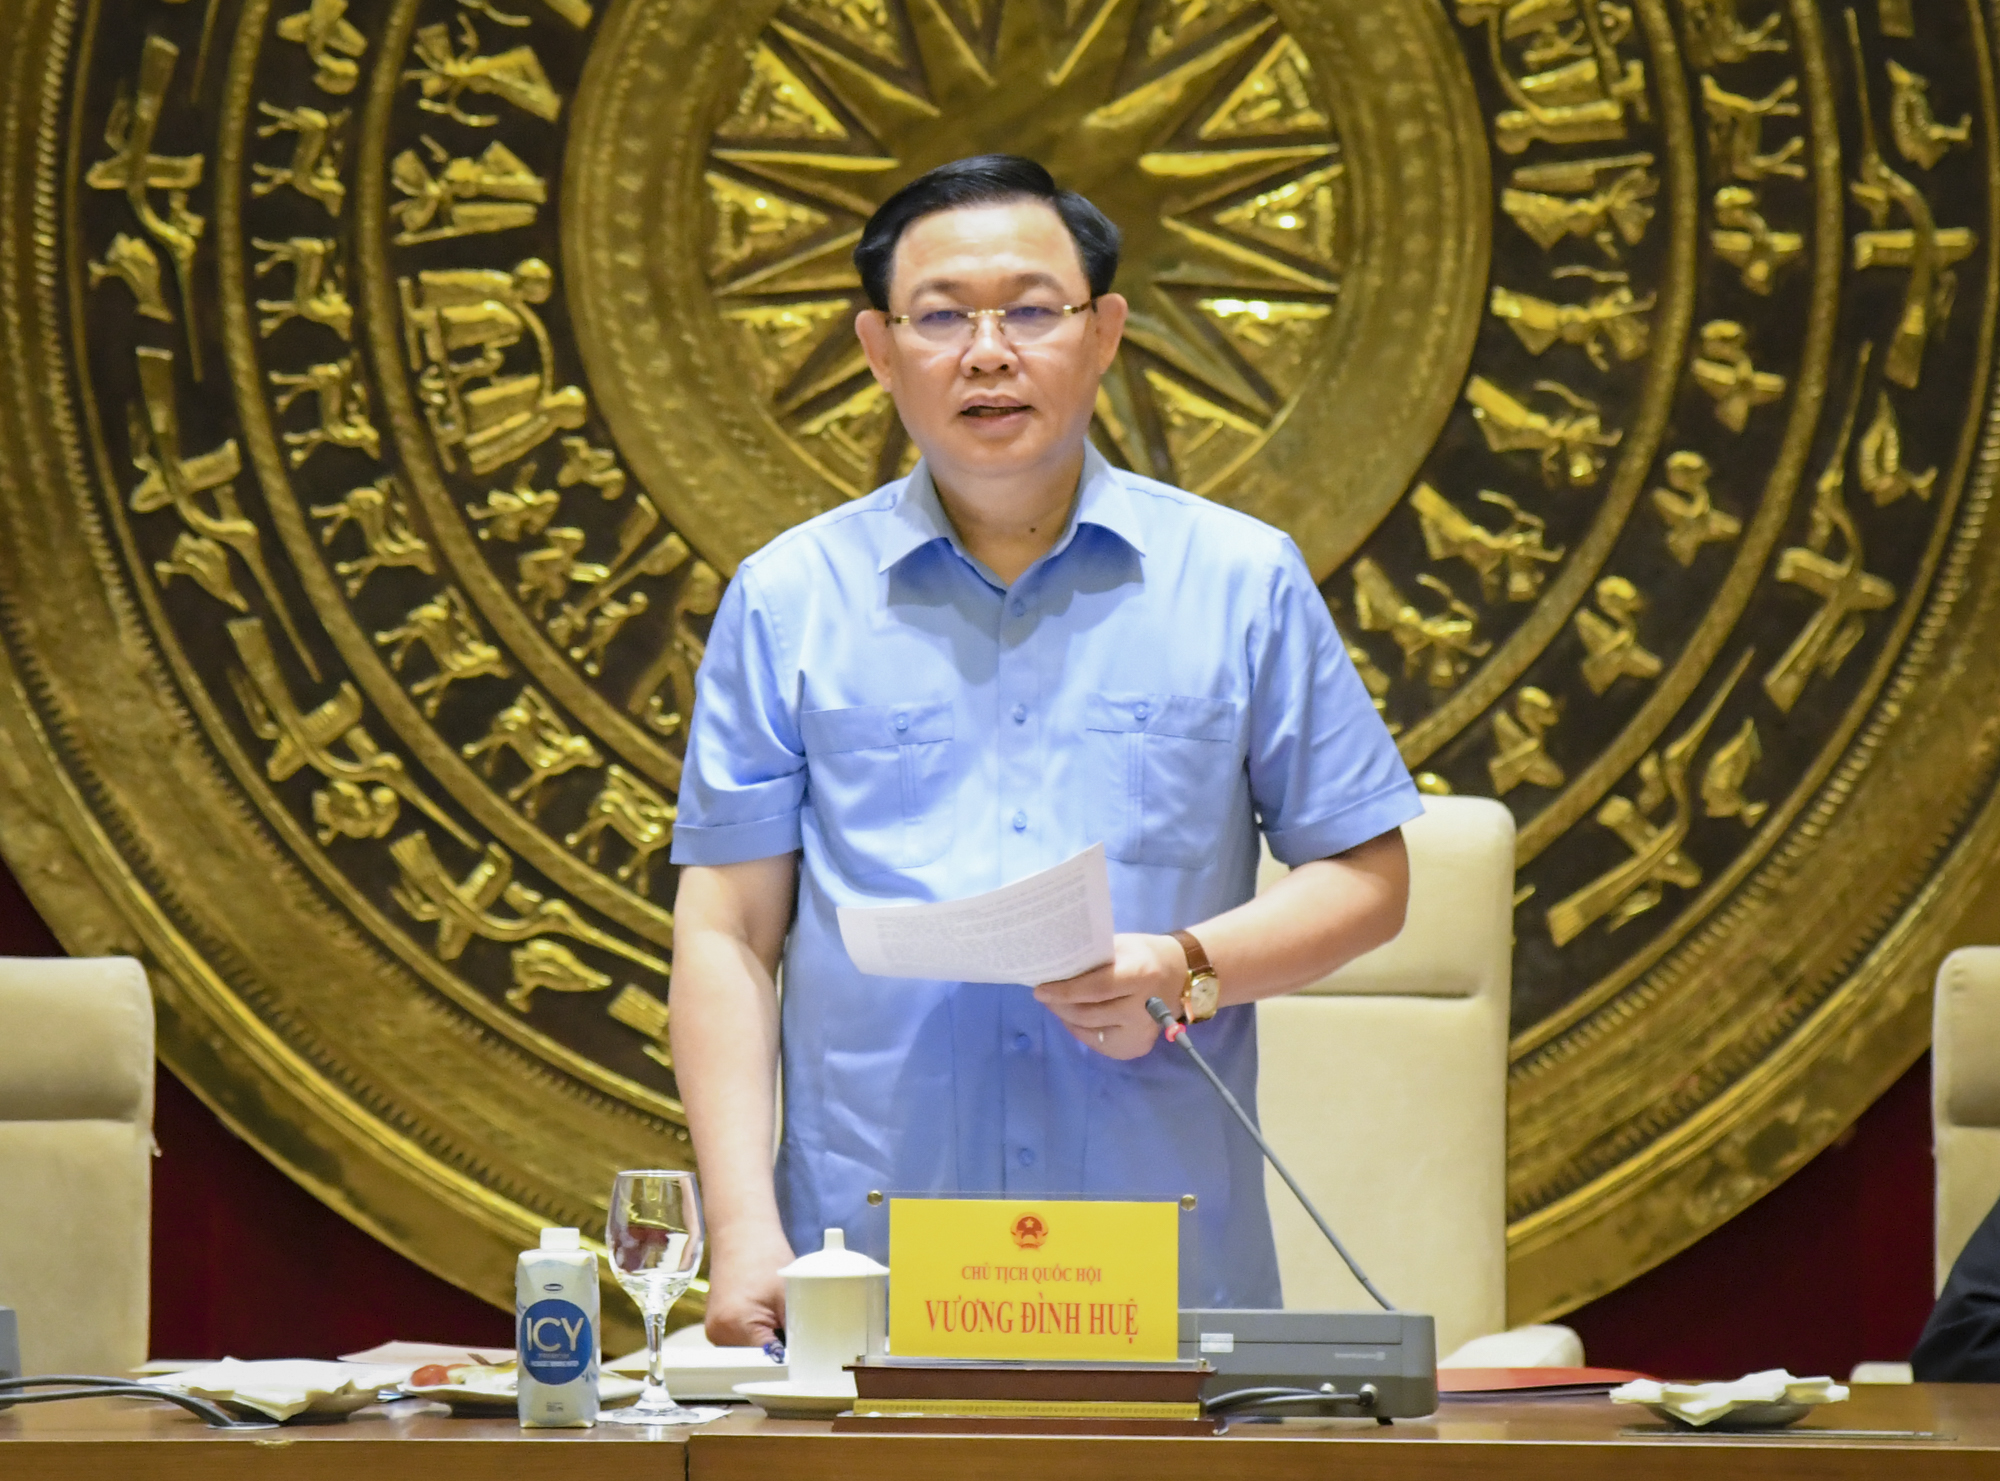 Ủy viên Bộ Chính trị, Chủ tịch Quốc hội Vương Đình Huệ phát biểu chỉ đạo tại buổi làm việc